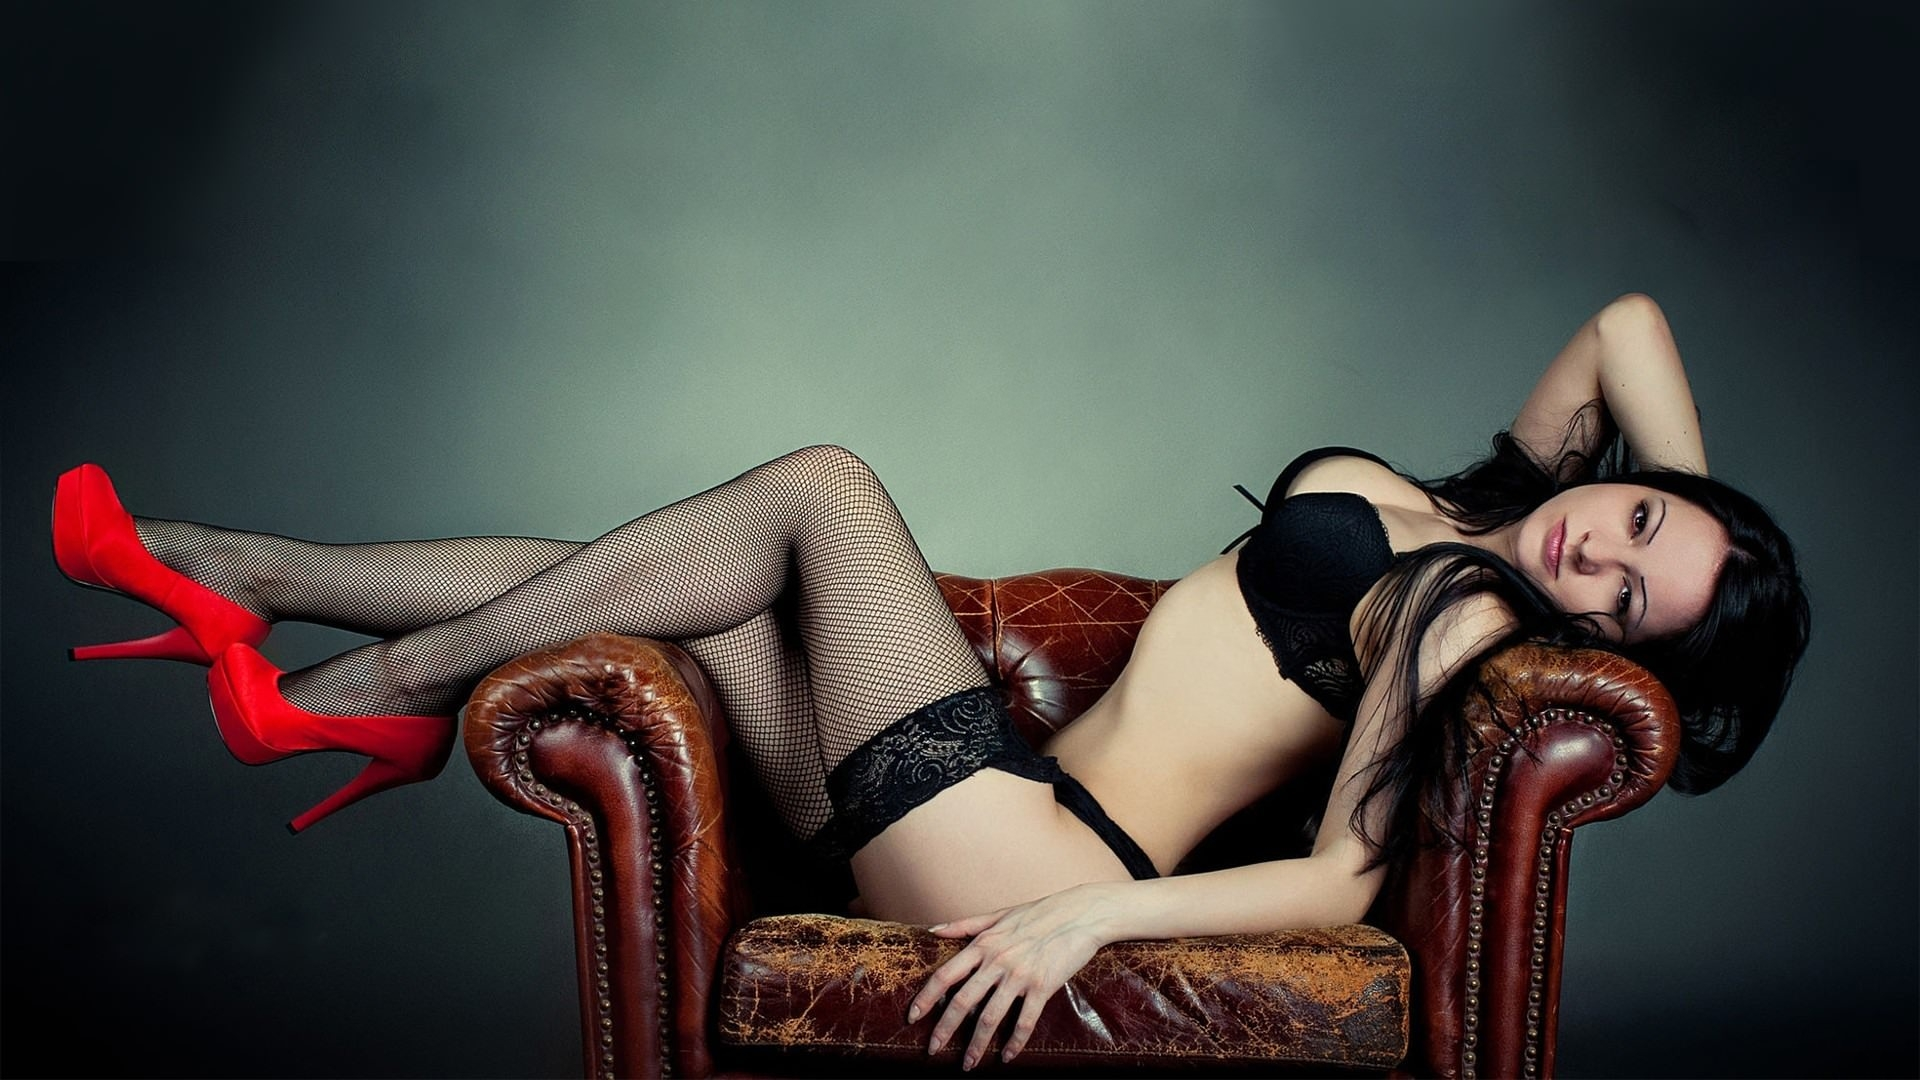 Фото Сексуальная брюнетка в красных туфлях, сексуальные ножки в чулочках, эротично развалилась в кресле, скачать картинку бесплатно